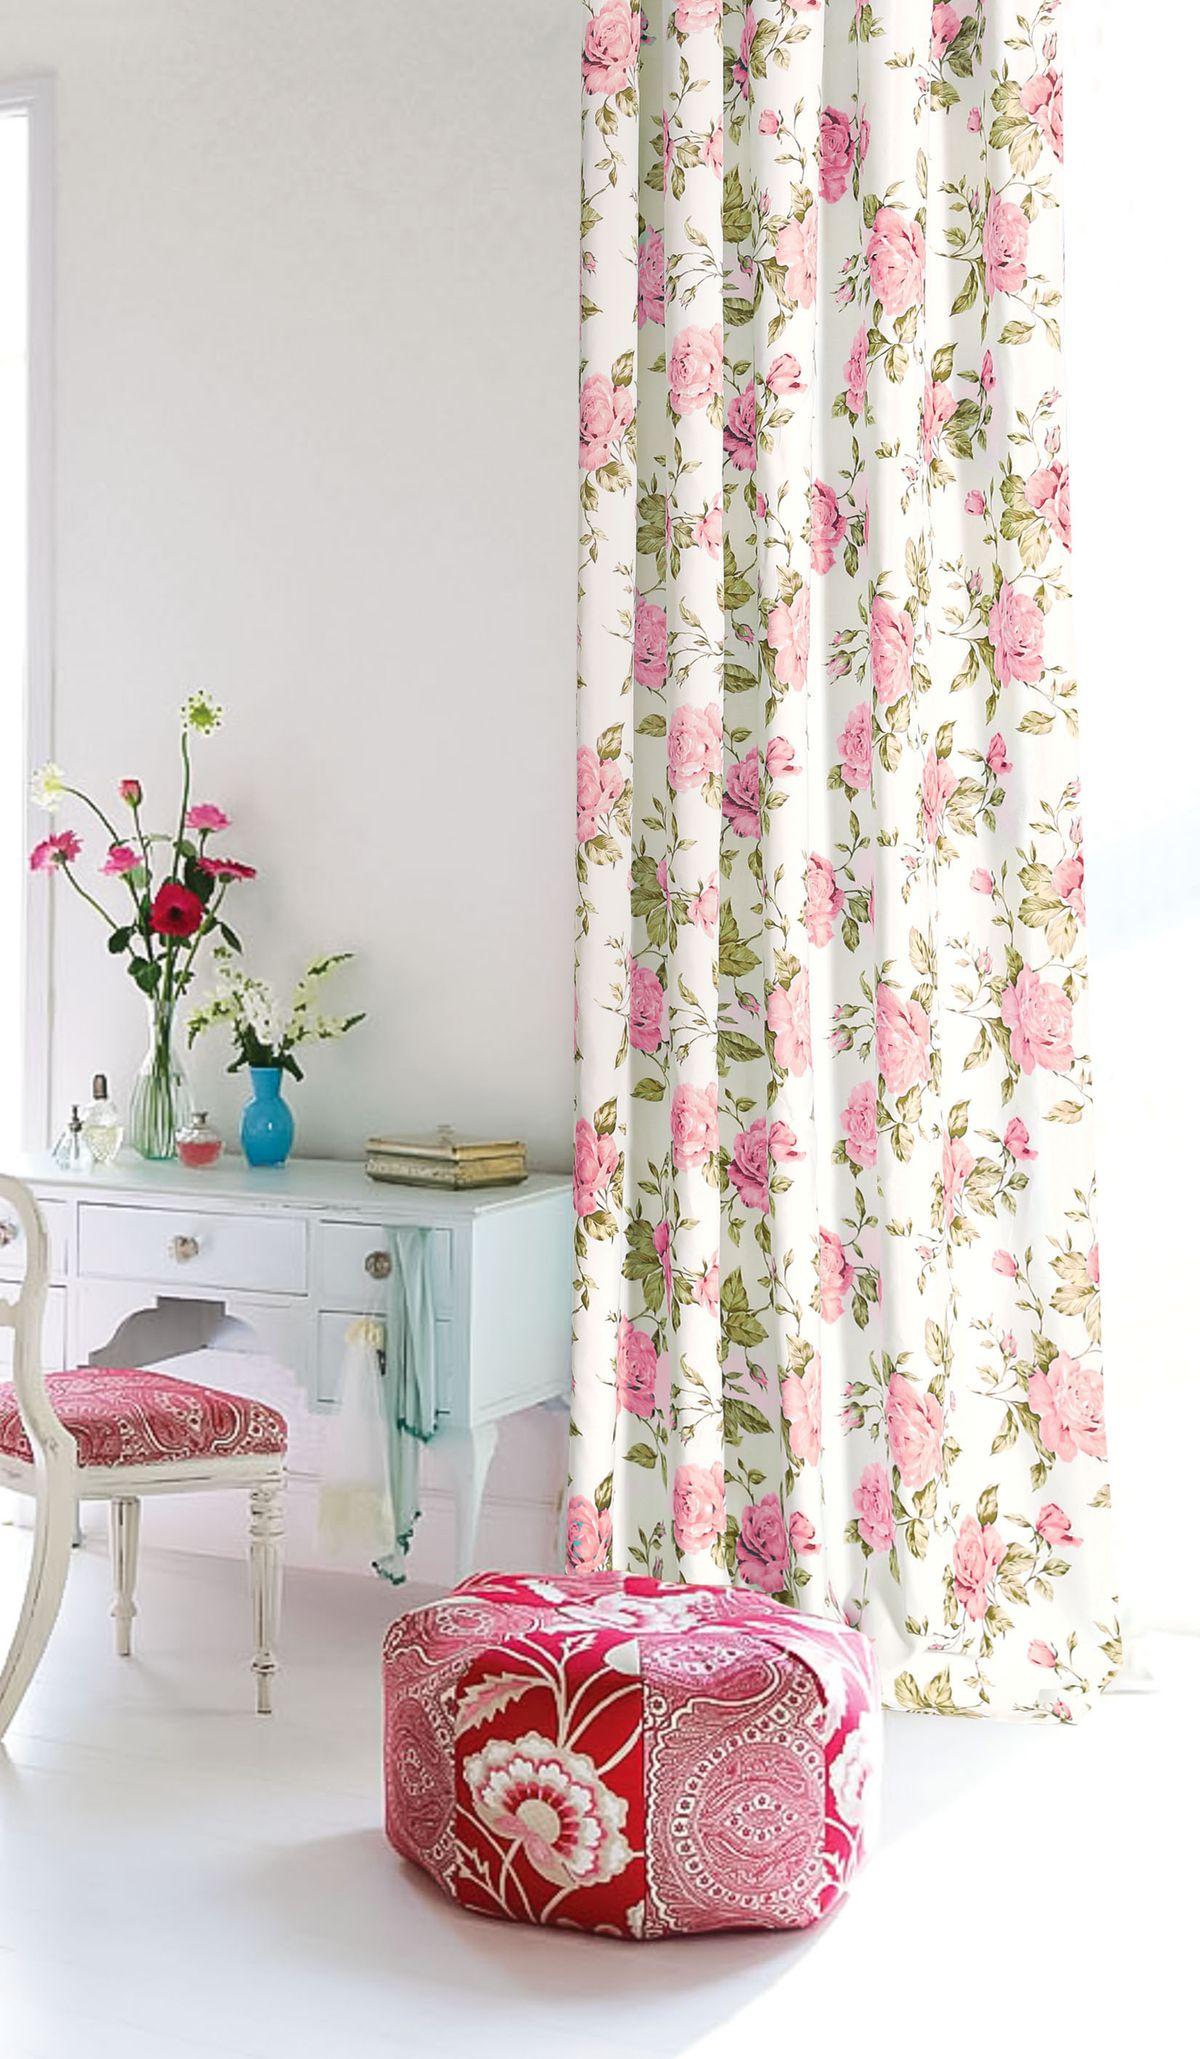 Штора готовая Garden, на ленте, цвет: розовый, 200х260 см. С 9184 - W1687 V2110503Изящная штора для гостиной Garden выполнена из плотной ткани. Приятная текстура и цвет привлекут к себе внимание и органично впишутся в интерьер помещения. Штора крепится на карниз при помощи ленты, которая поможет красиво и равномерно задрапировать верх.